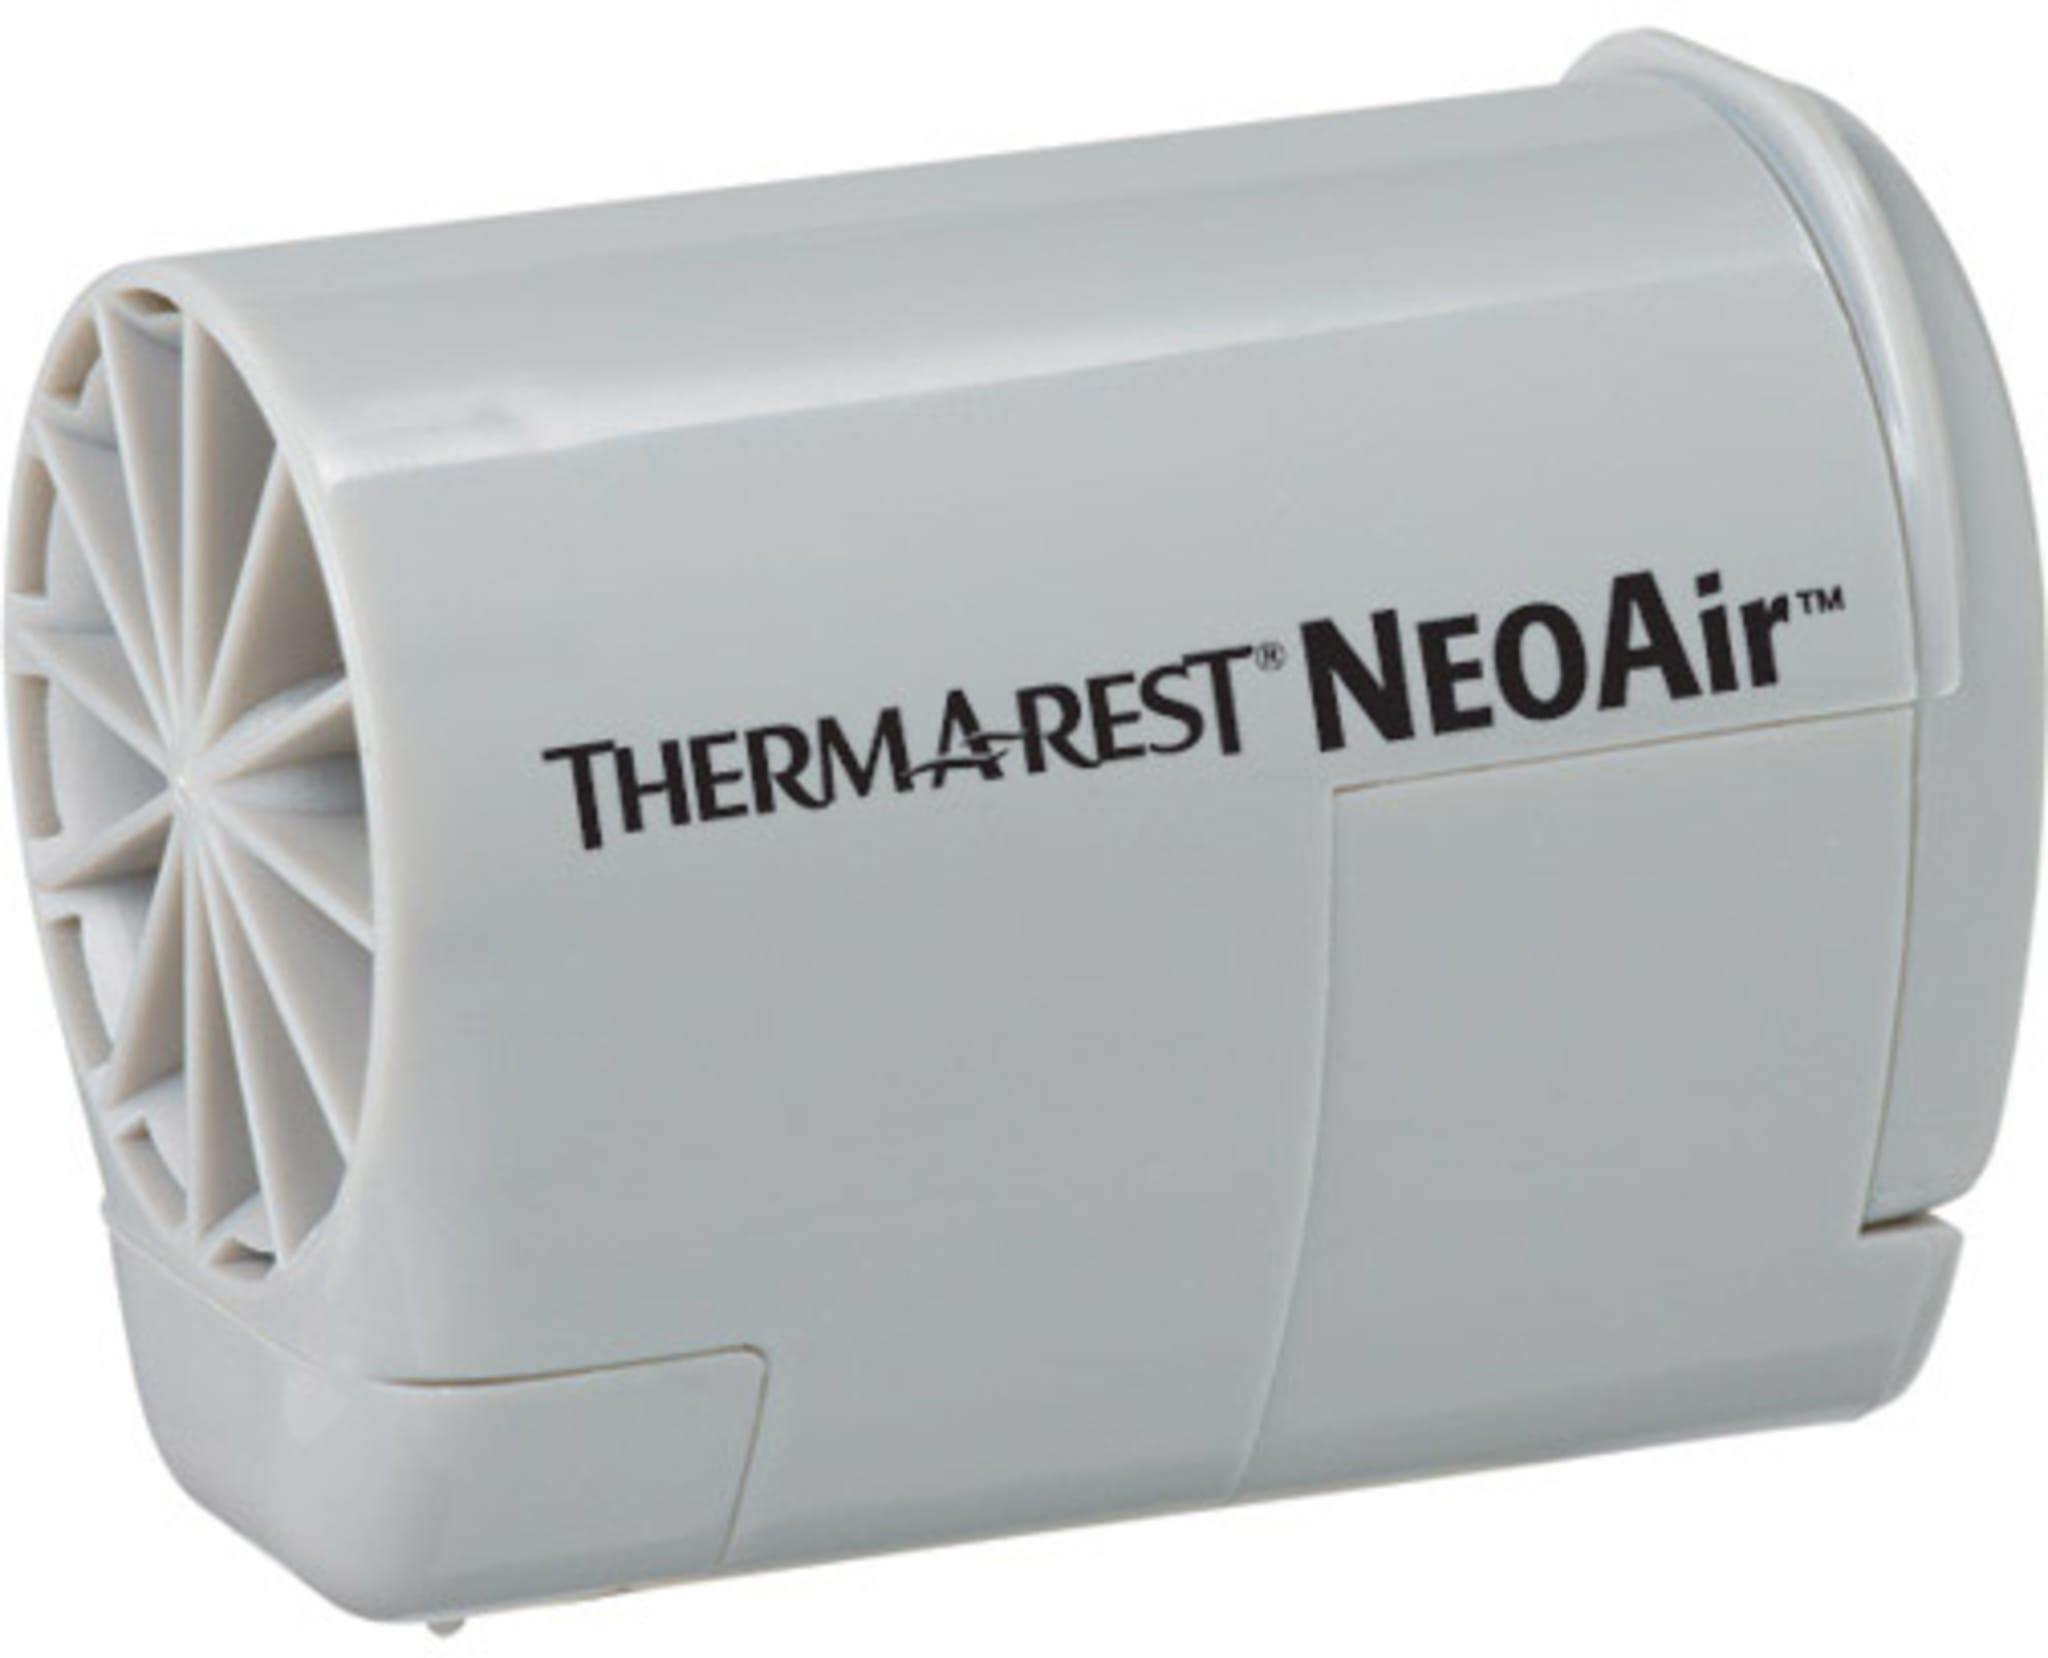 Superlett elektrisk pumpe til NeoAir liggeunderlag